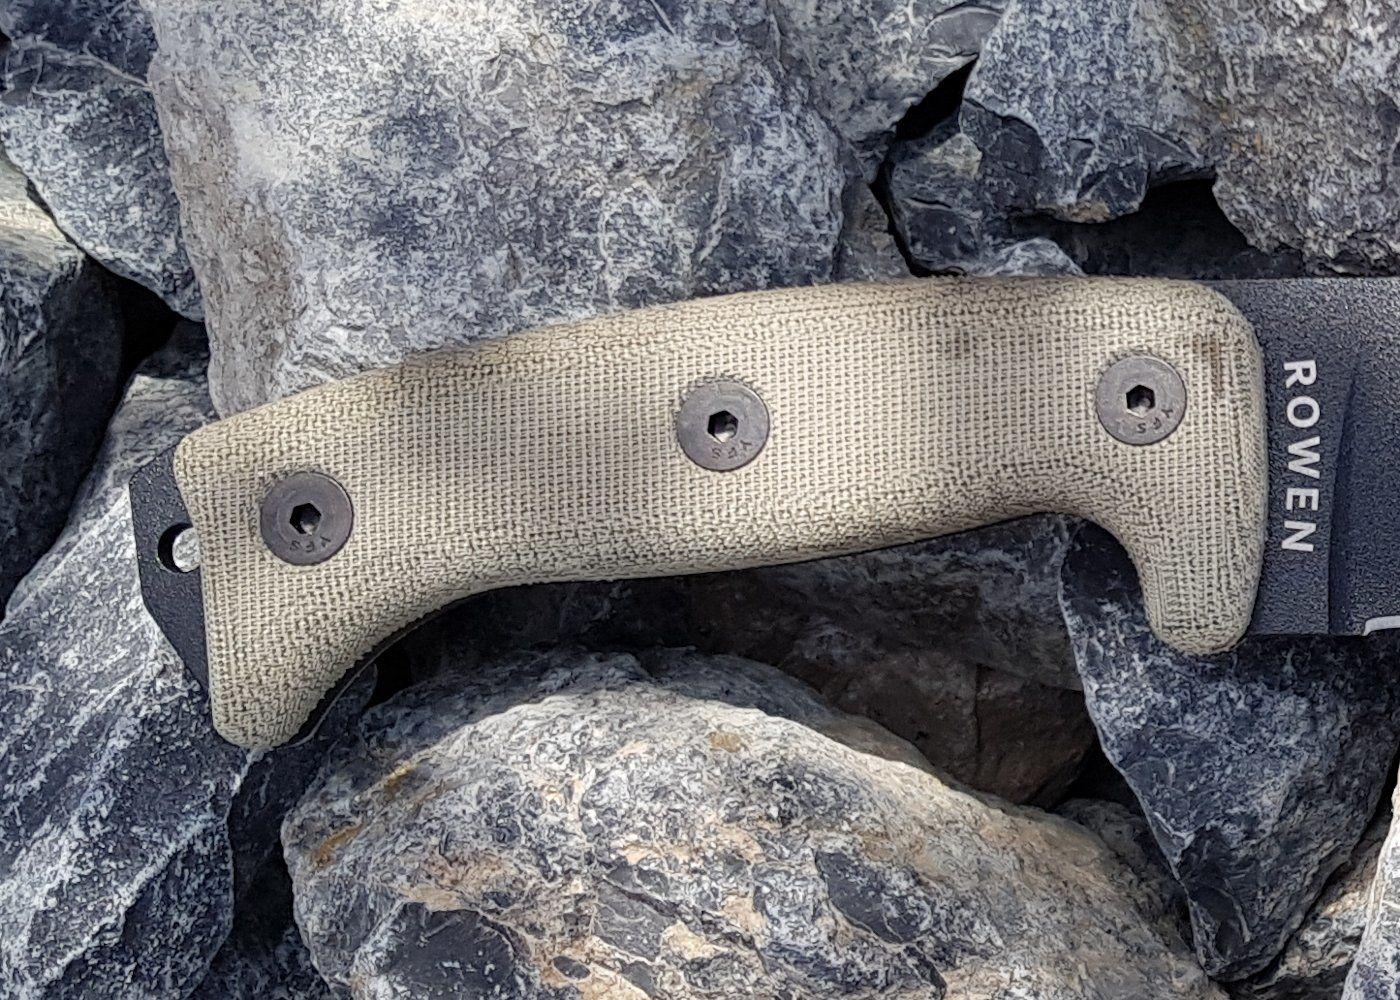 Micarta - Material für Messergriffe